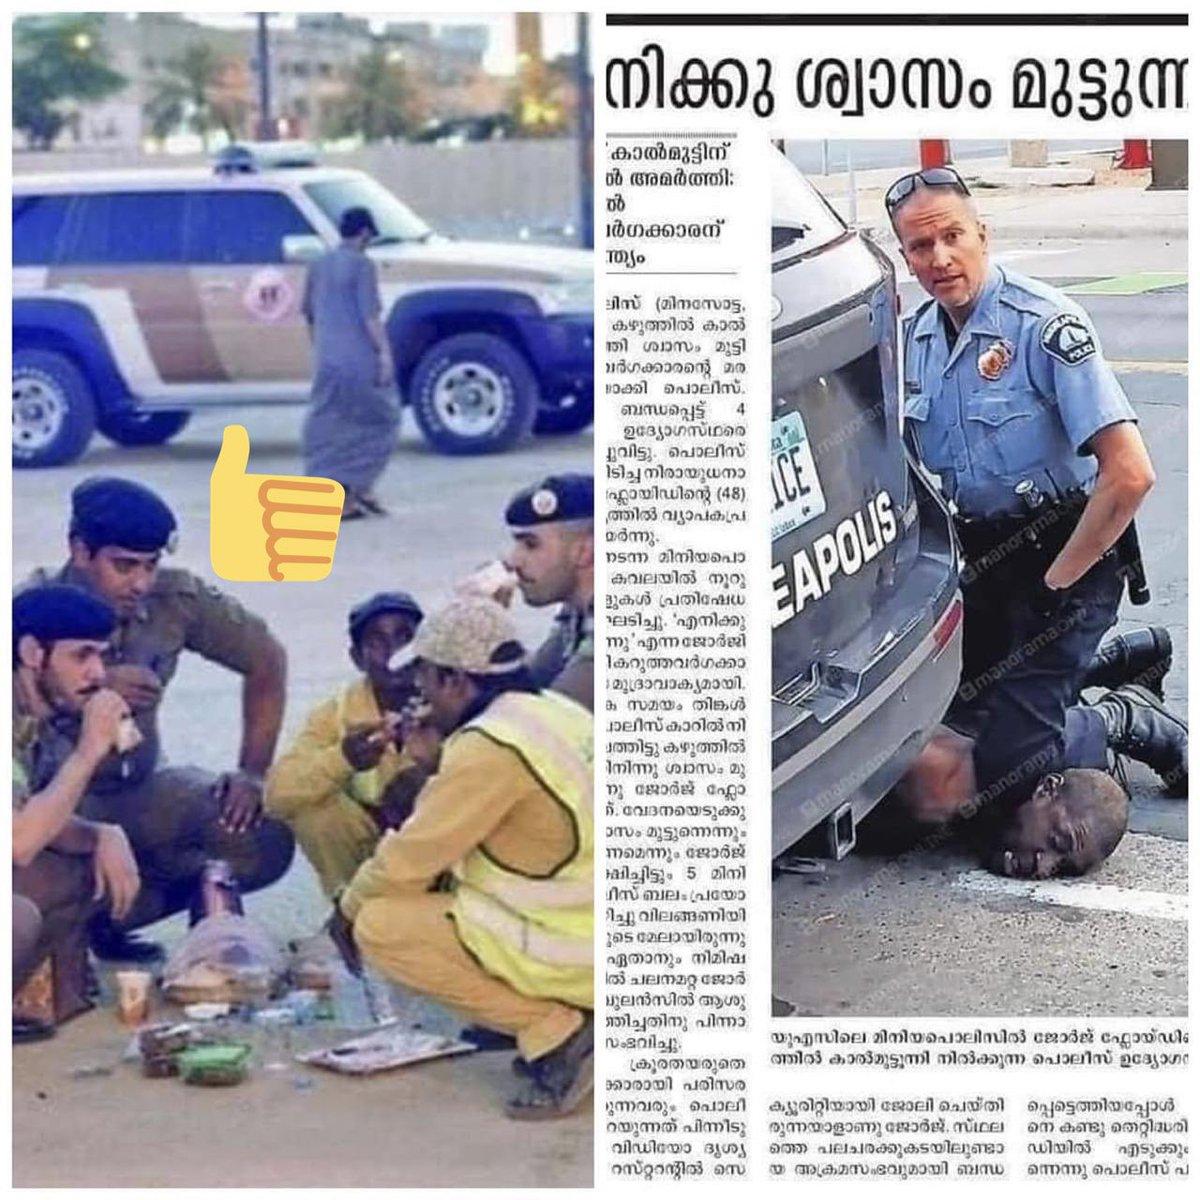 صحيفة هندية تنشر صور للمقارنة بين الجندي السعودي و الأمريكي .. Awww My Gooood👍🏻 #فتح_المساجد